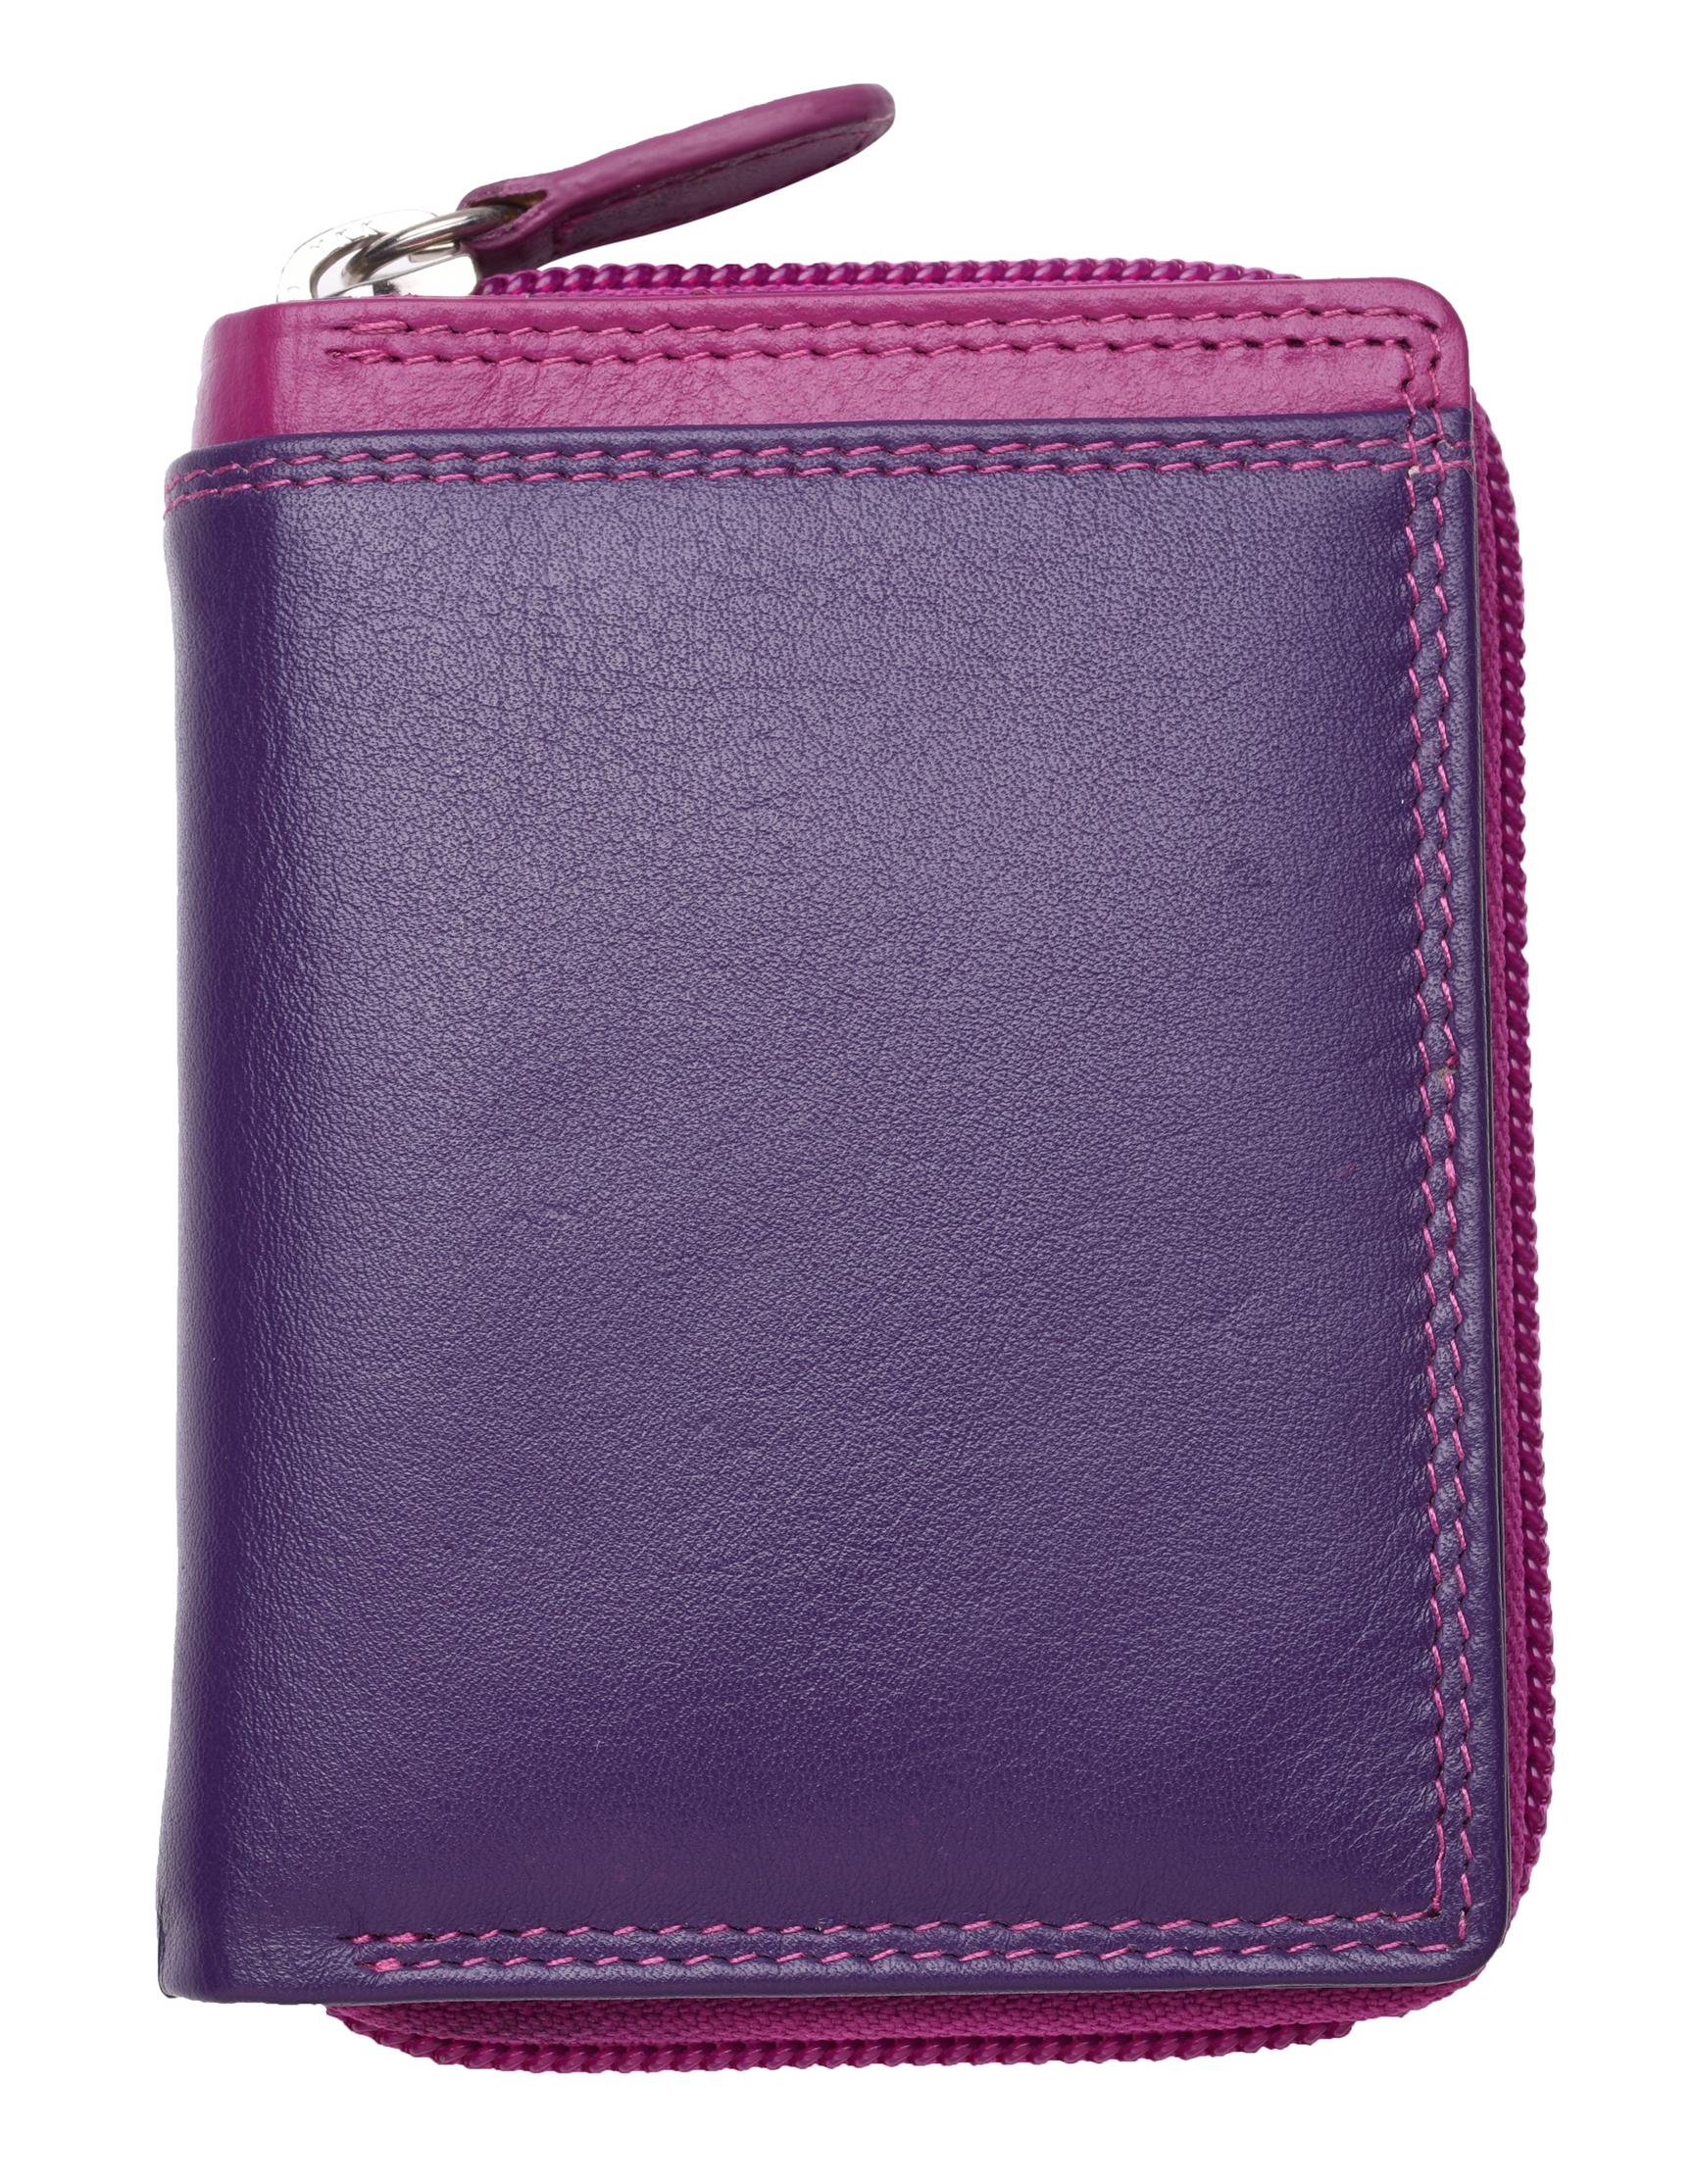 Femme-Femmes-RFID-Bloquant-en-Cuir-Veritable-Petit-Sac-a-main-portefeuille-vert-rose-rouge miniature 17